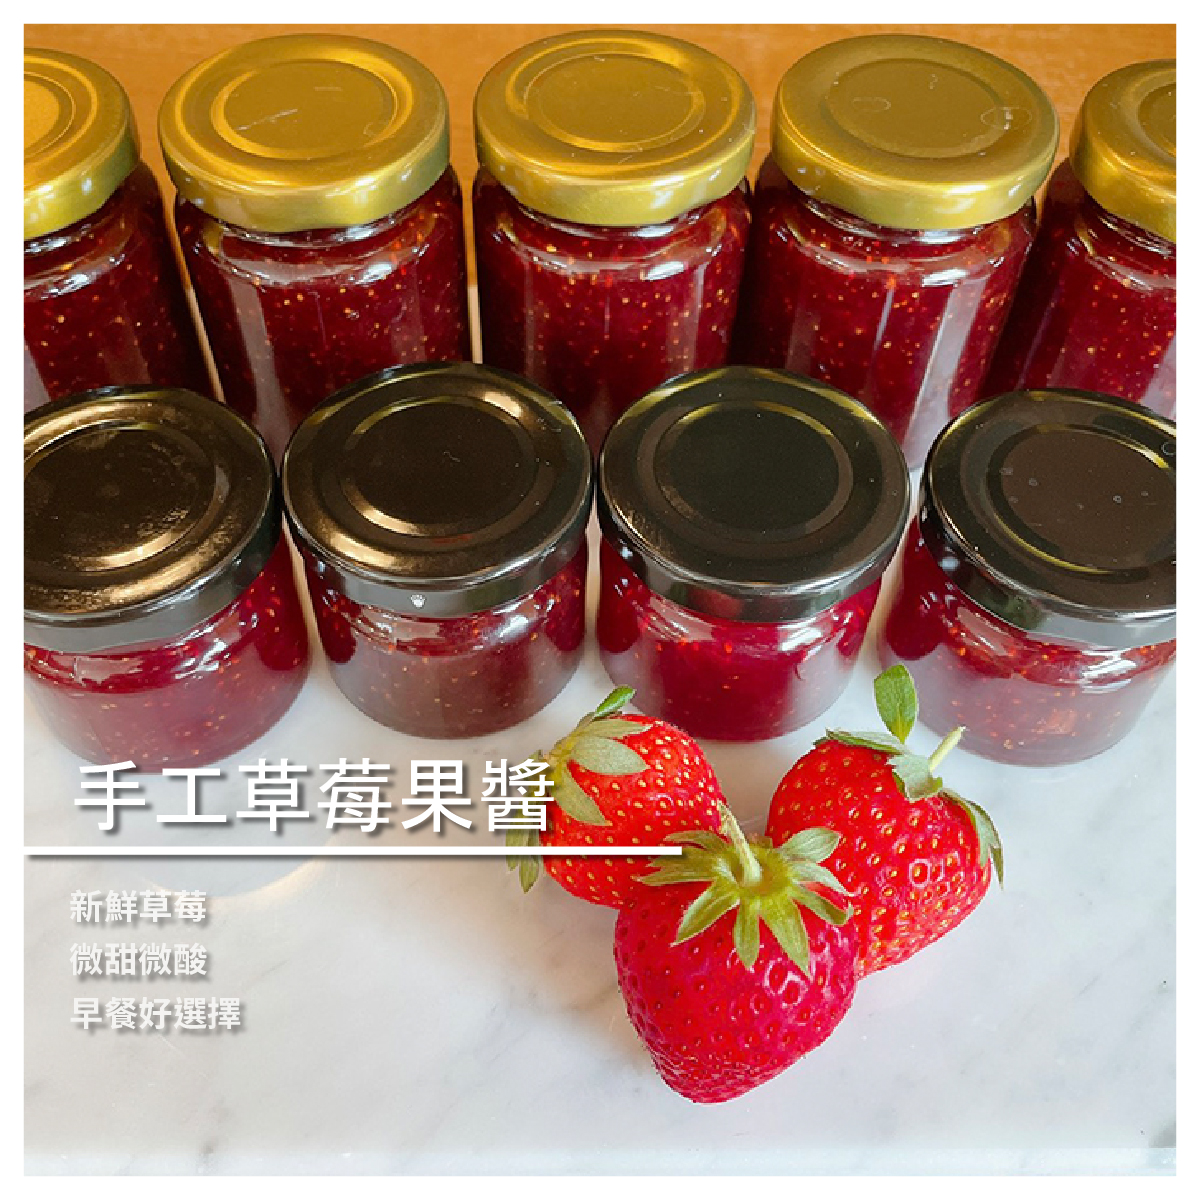 【沐軒手作】手工草莓果醬 100g/罐